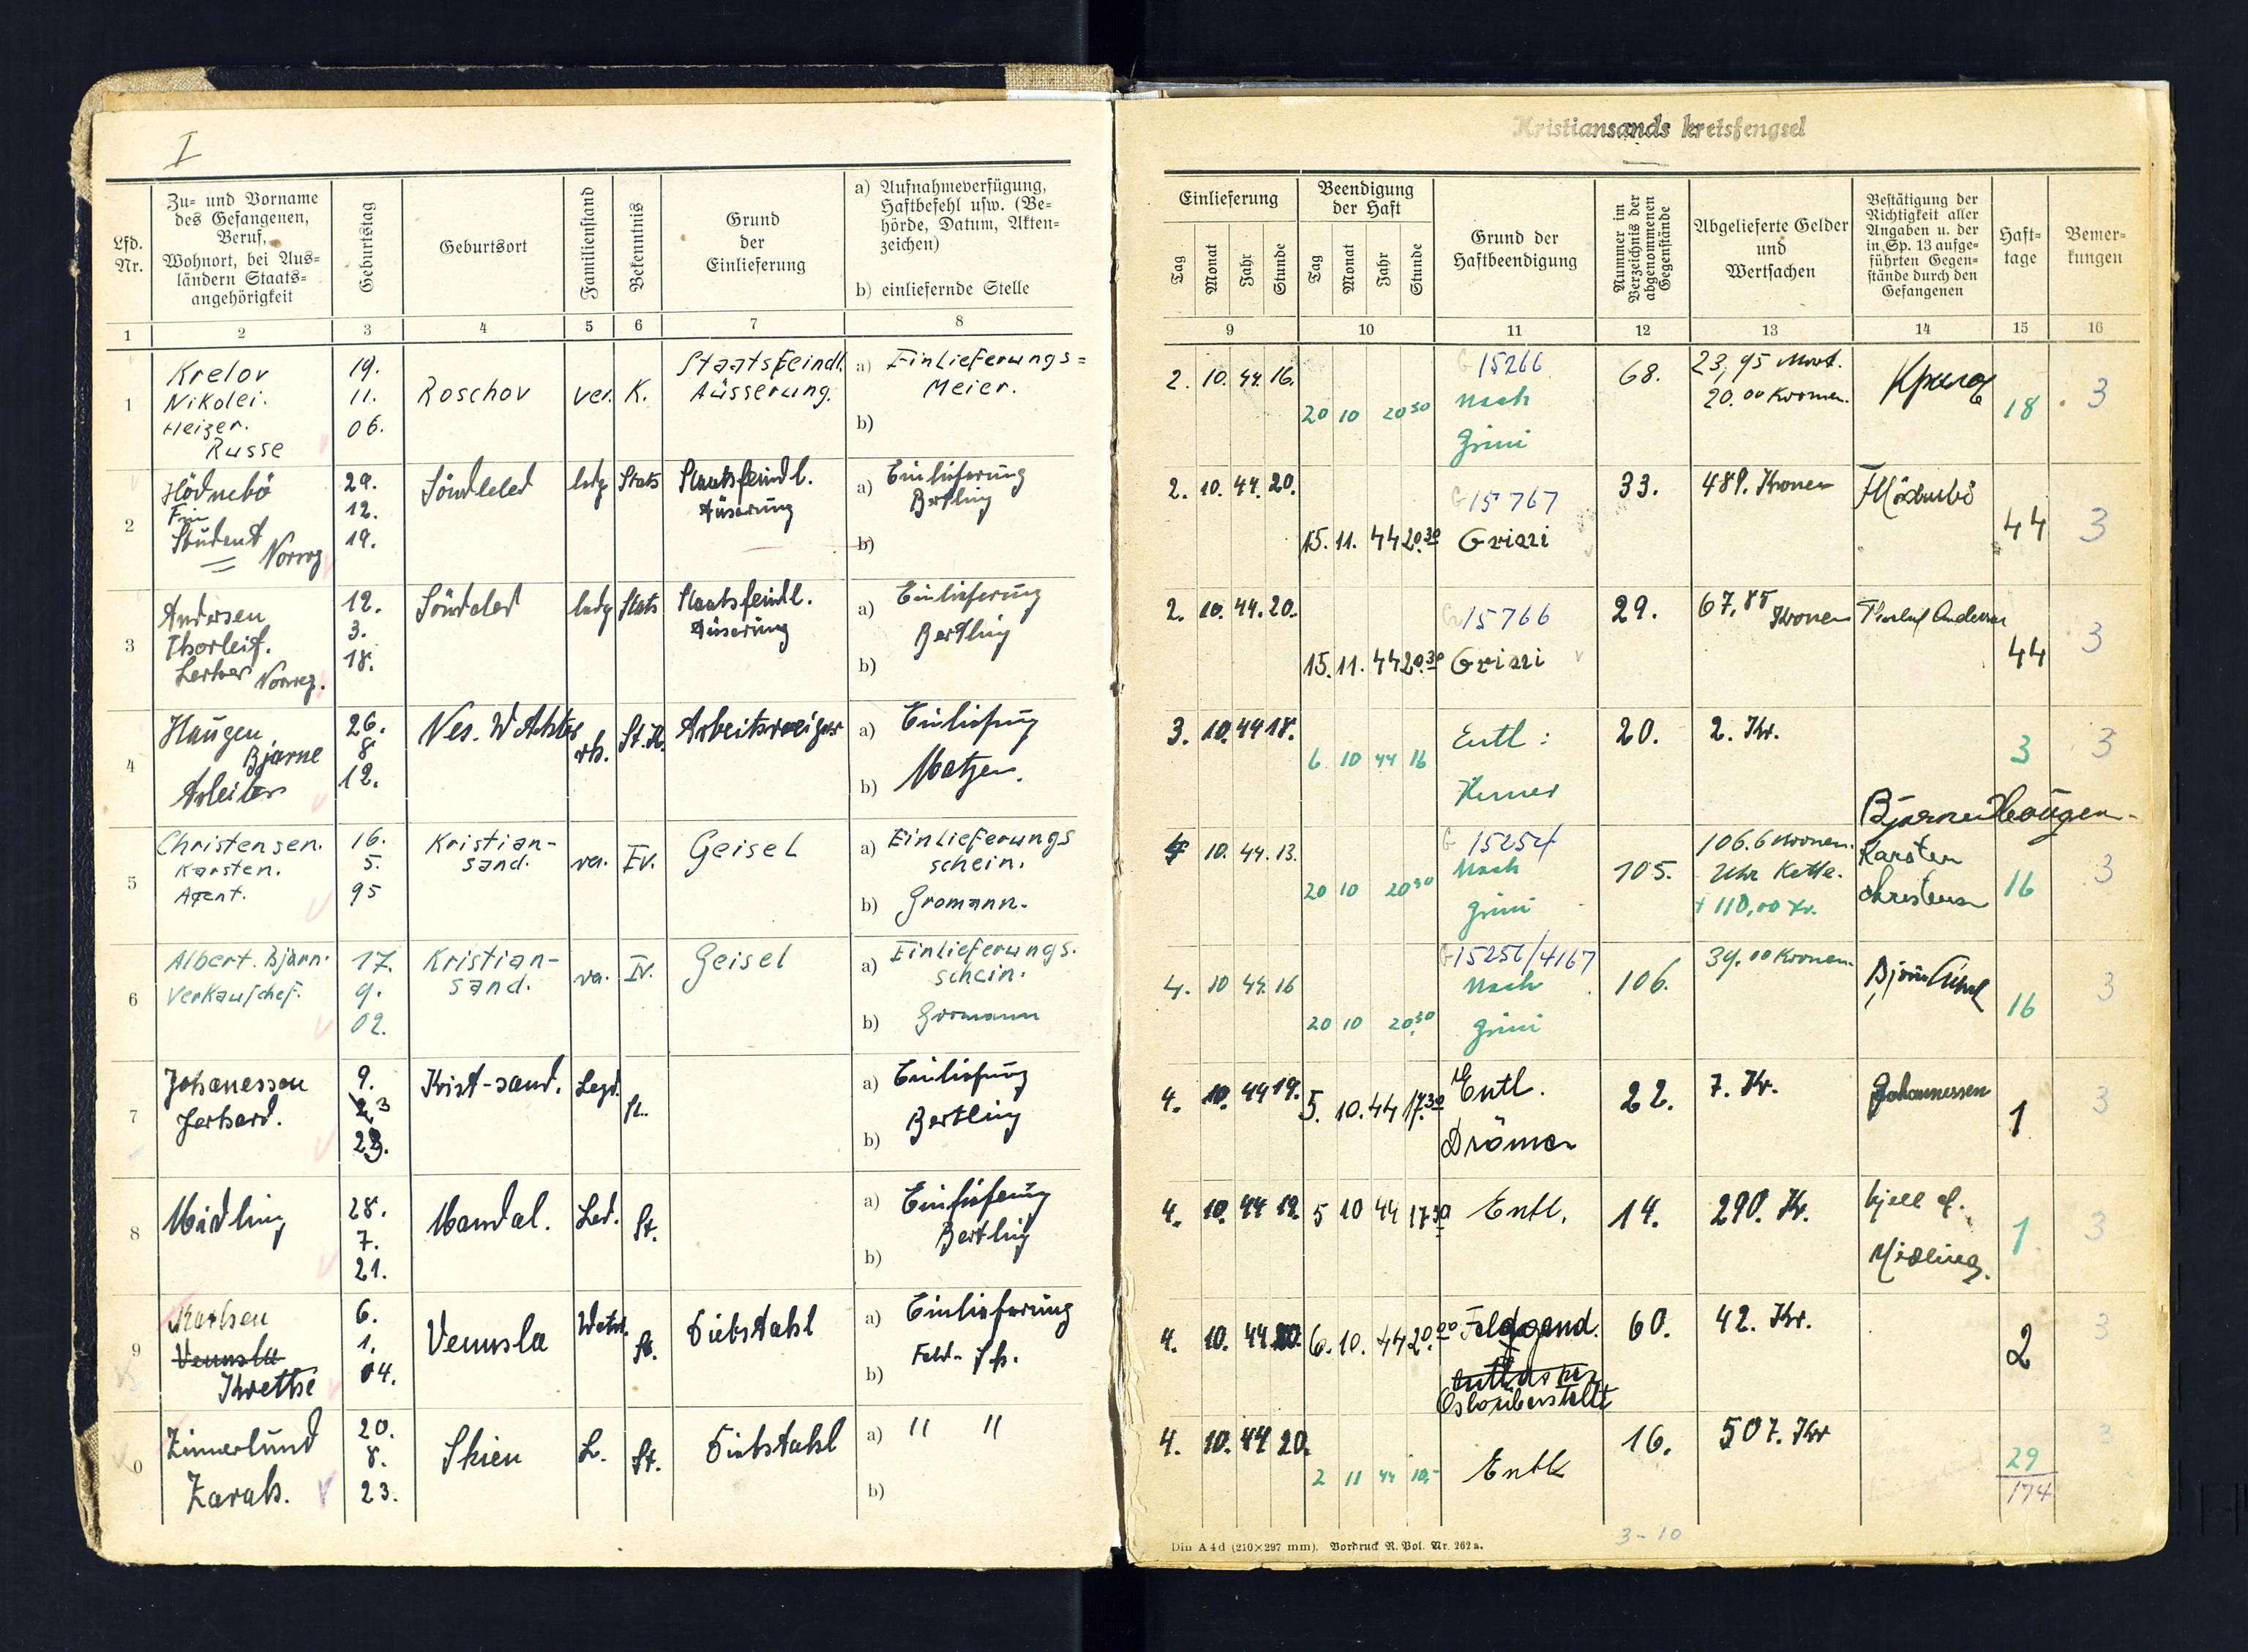 SAK, Kristiansand kretsfengsel, G/Gc/L0008: Gefangenen-Buch B, arresterte, nr 48, 1944-1945, s. 1